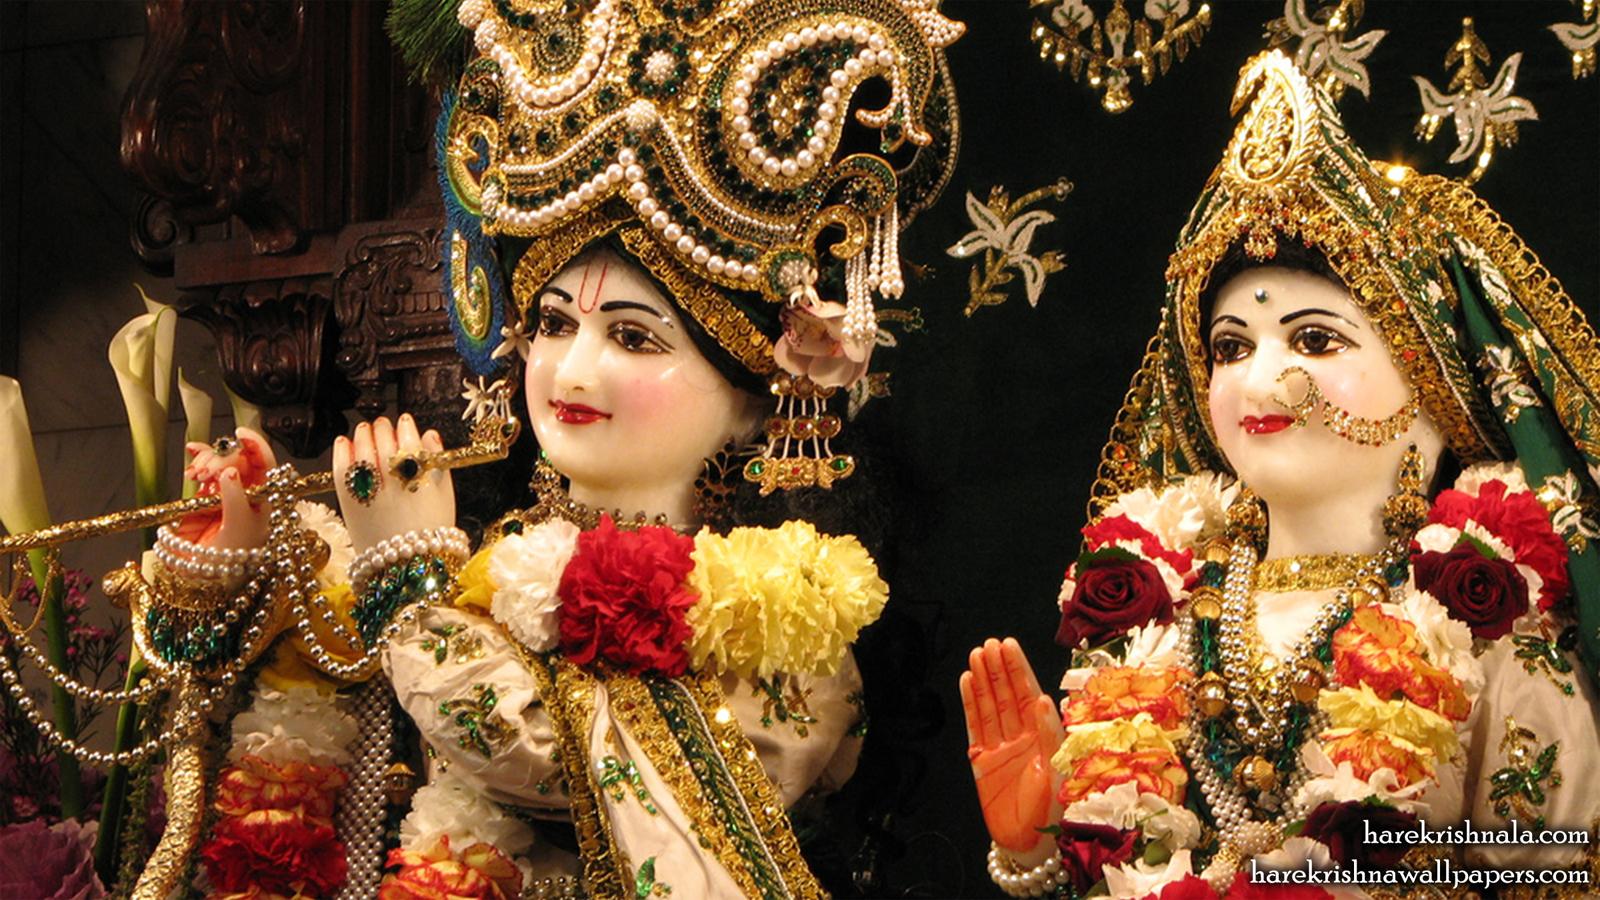 Sri Sri Rukmini Dwarkadhish Close up Wallpaper (010) Size 1600x900 Download